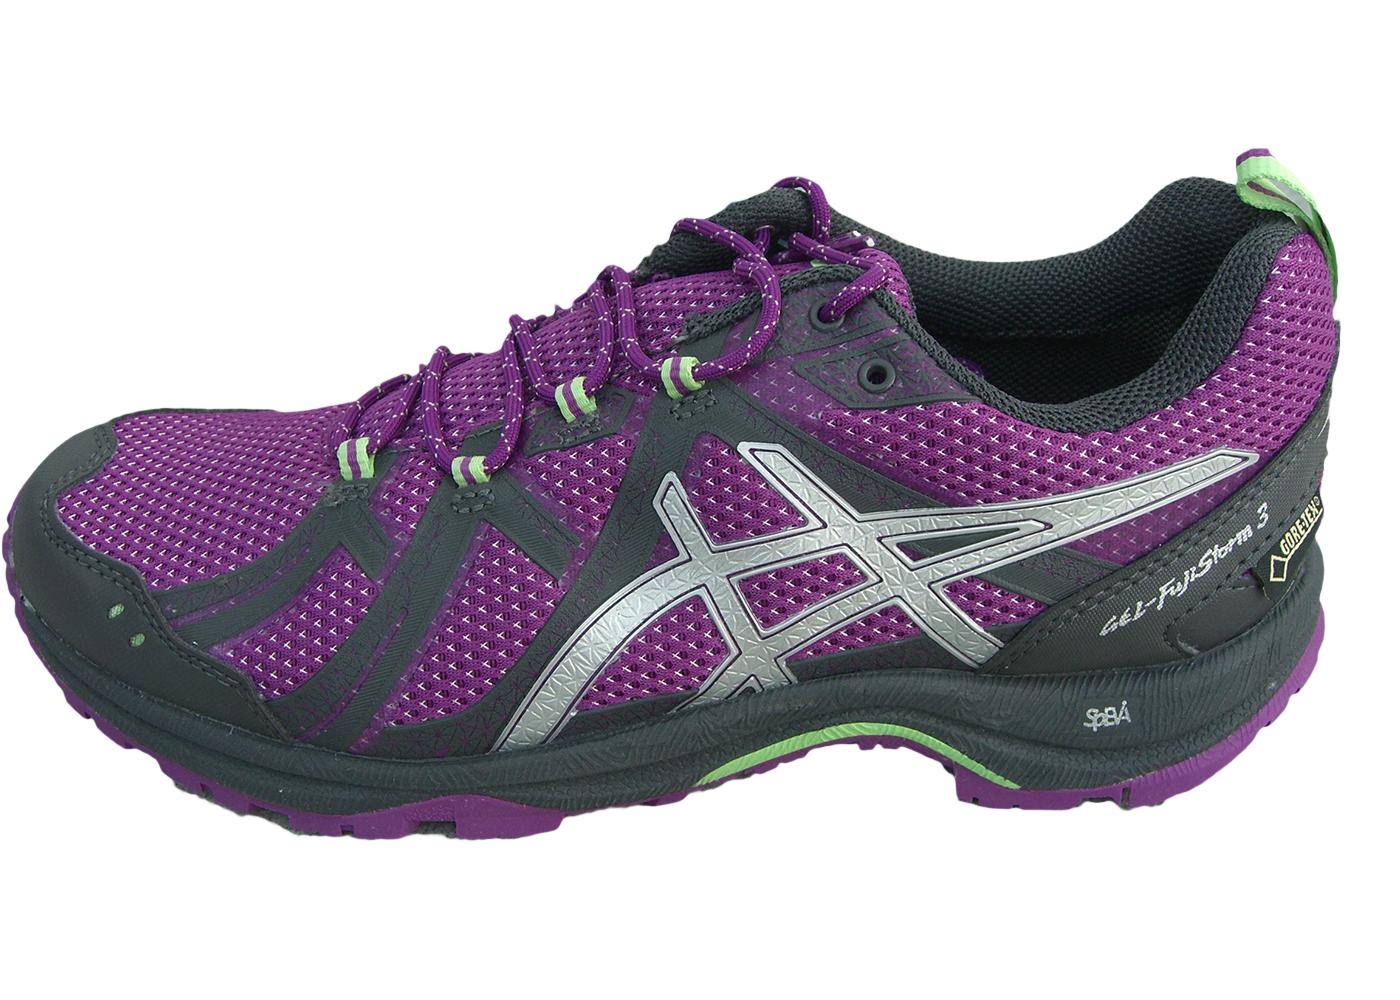 Sportschuhe Damen: Asics Walkingschuhe Outdoor Schuhe Gel